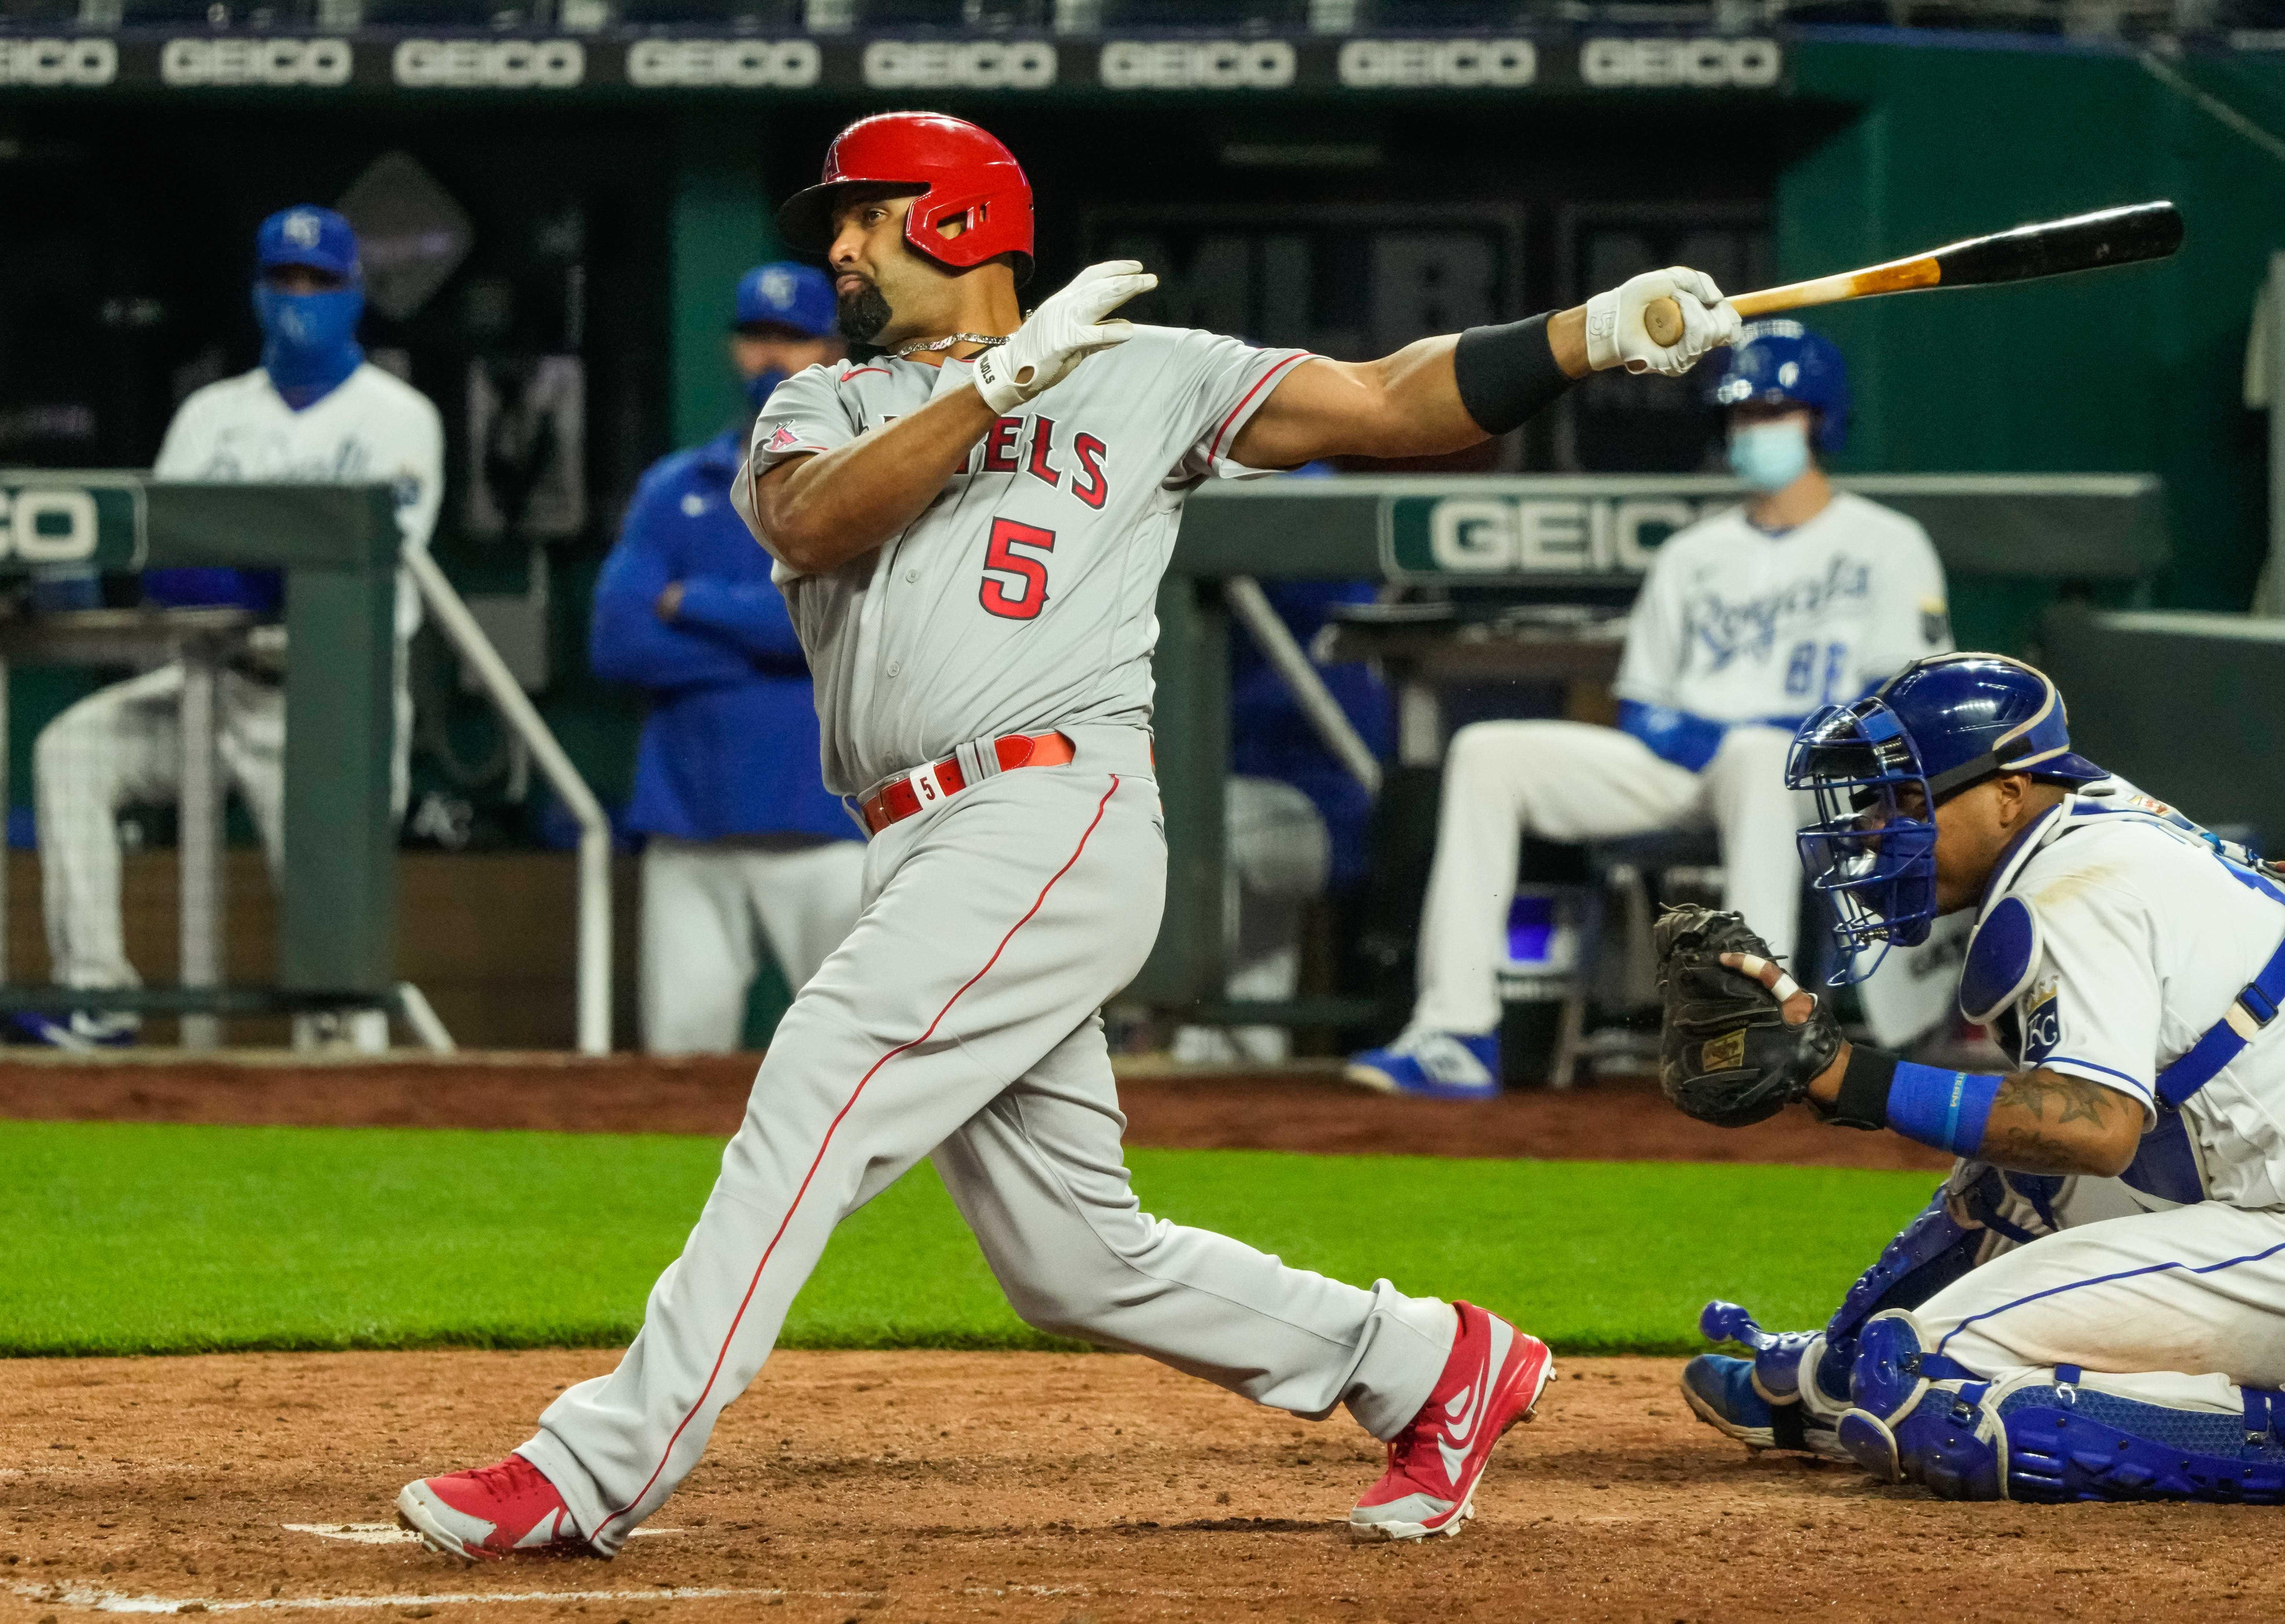 洛杉矶天使队一垒手Albert Pujols(5)在考夫曼体育场第八局对堪萨斯皇家队击出一垒安打。